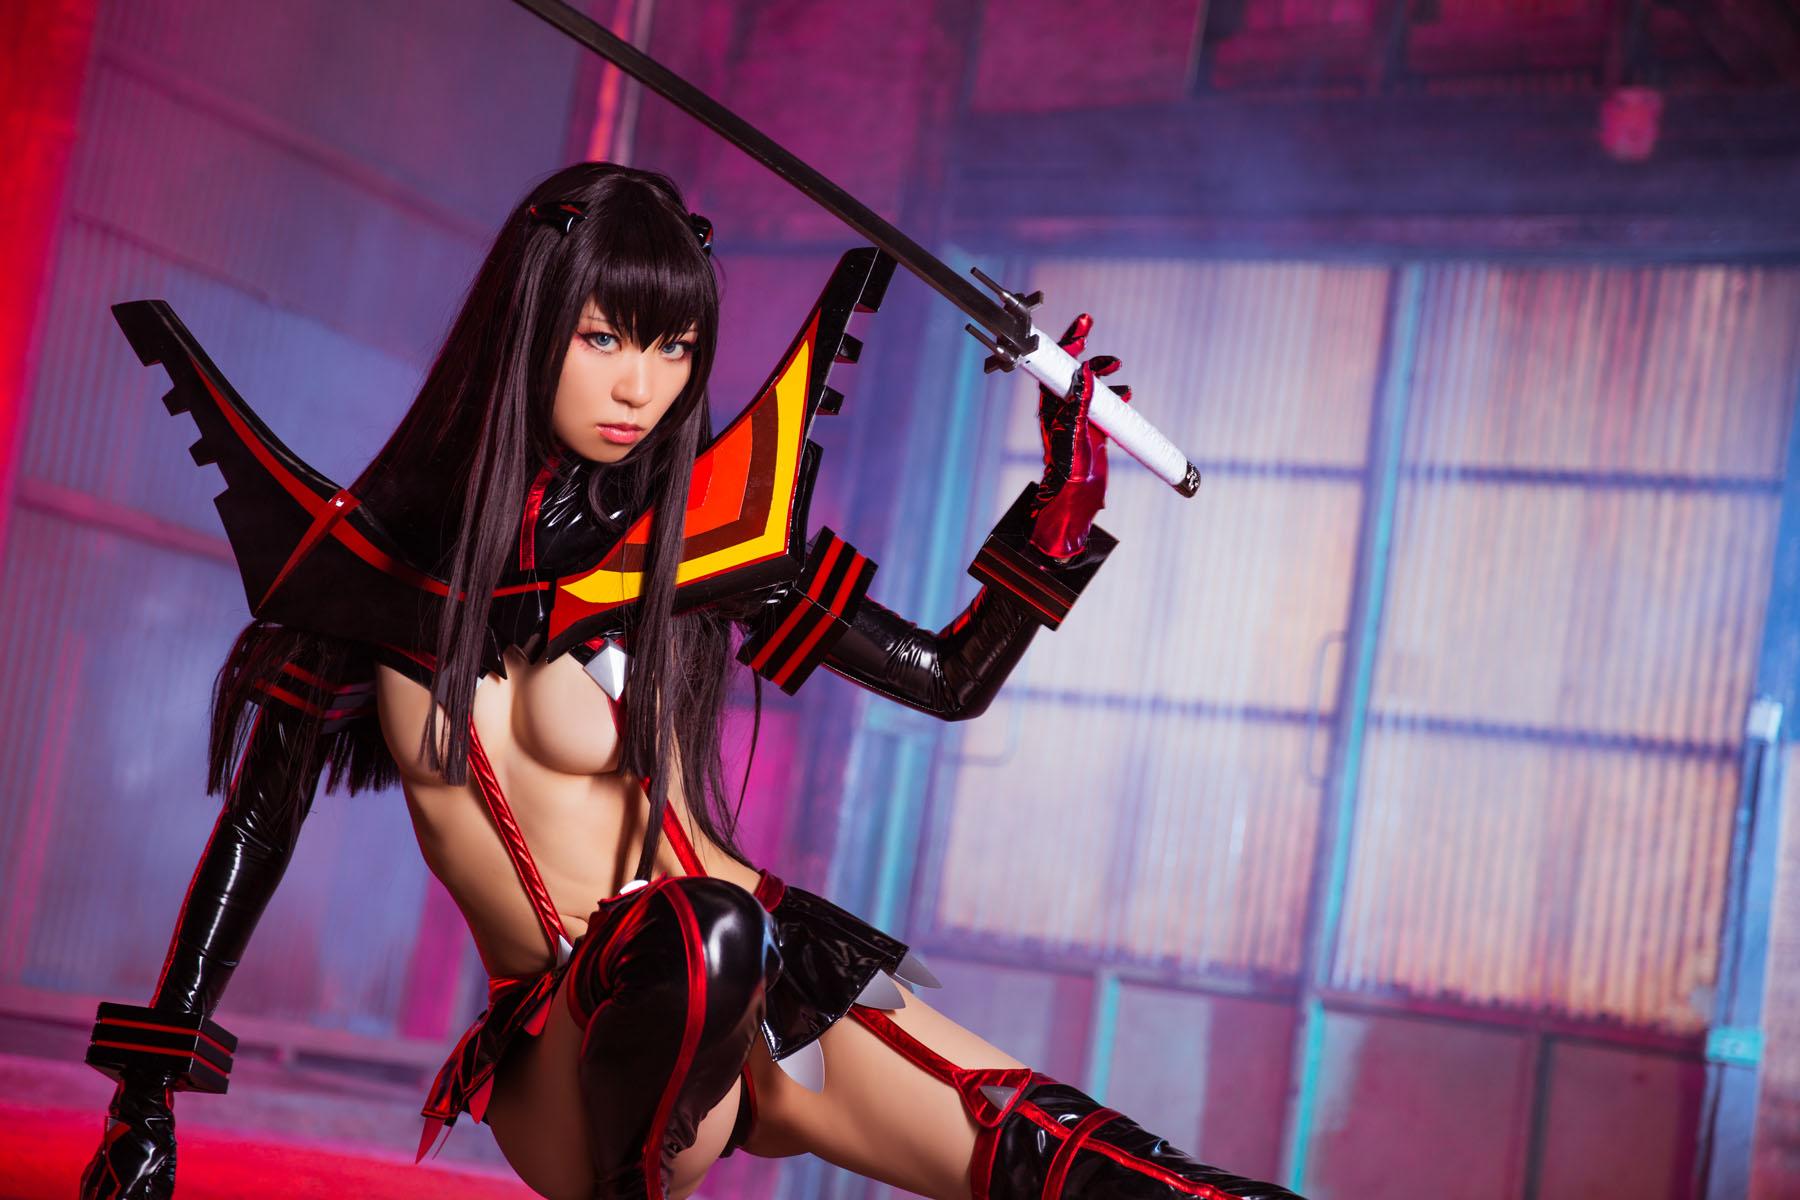 Kill la Kill Satsuki Kiryuuin anime cosplay by Mikehouse 0034